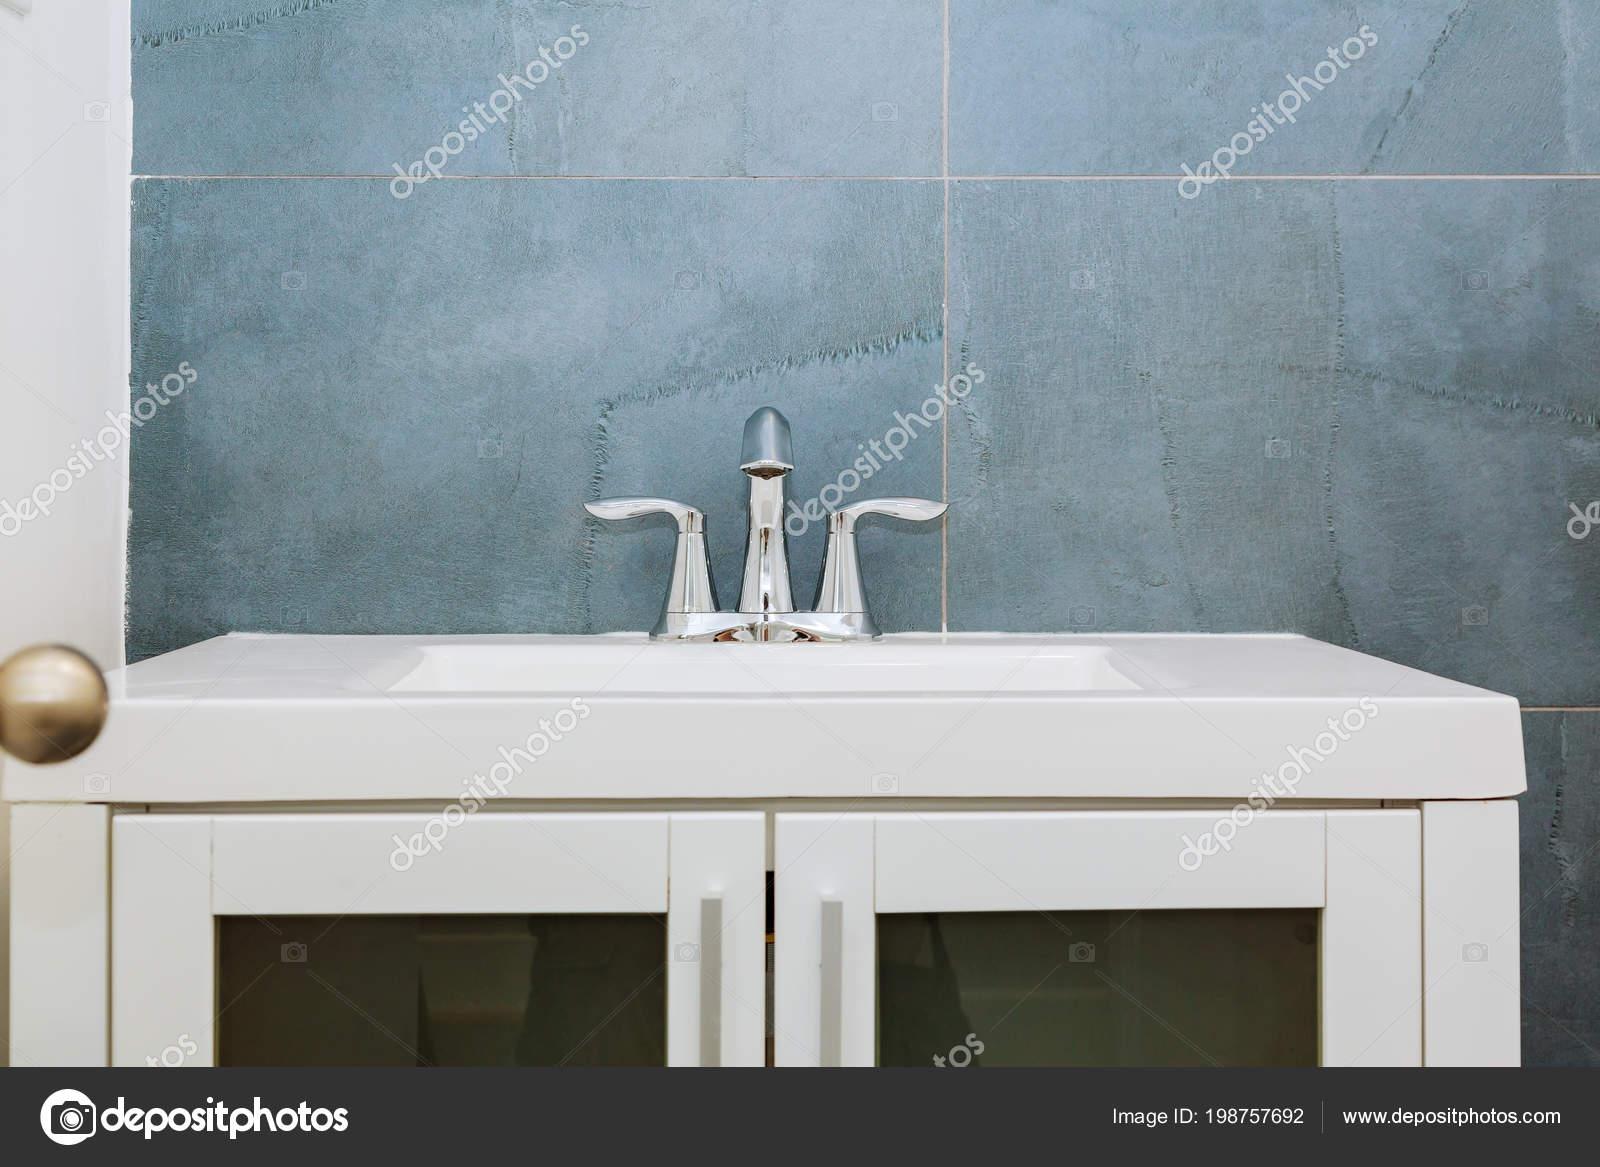 Vasche Da Bagno Moderne : Interno del bagno moderno granito con minimalista lavabo vasca bagno